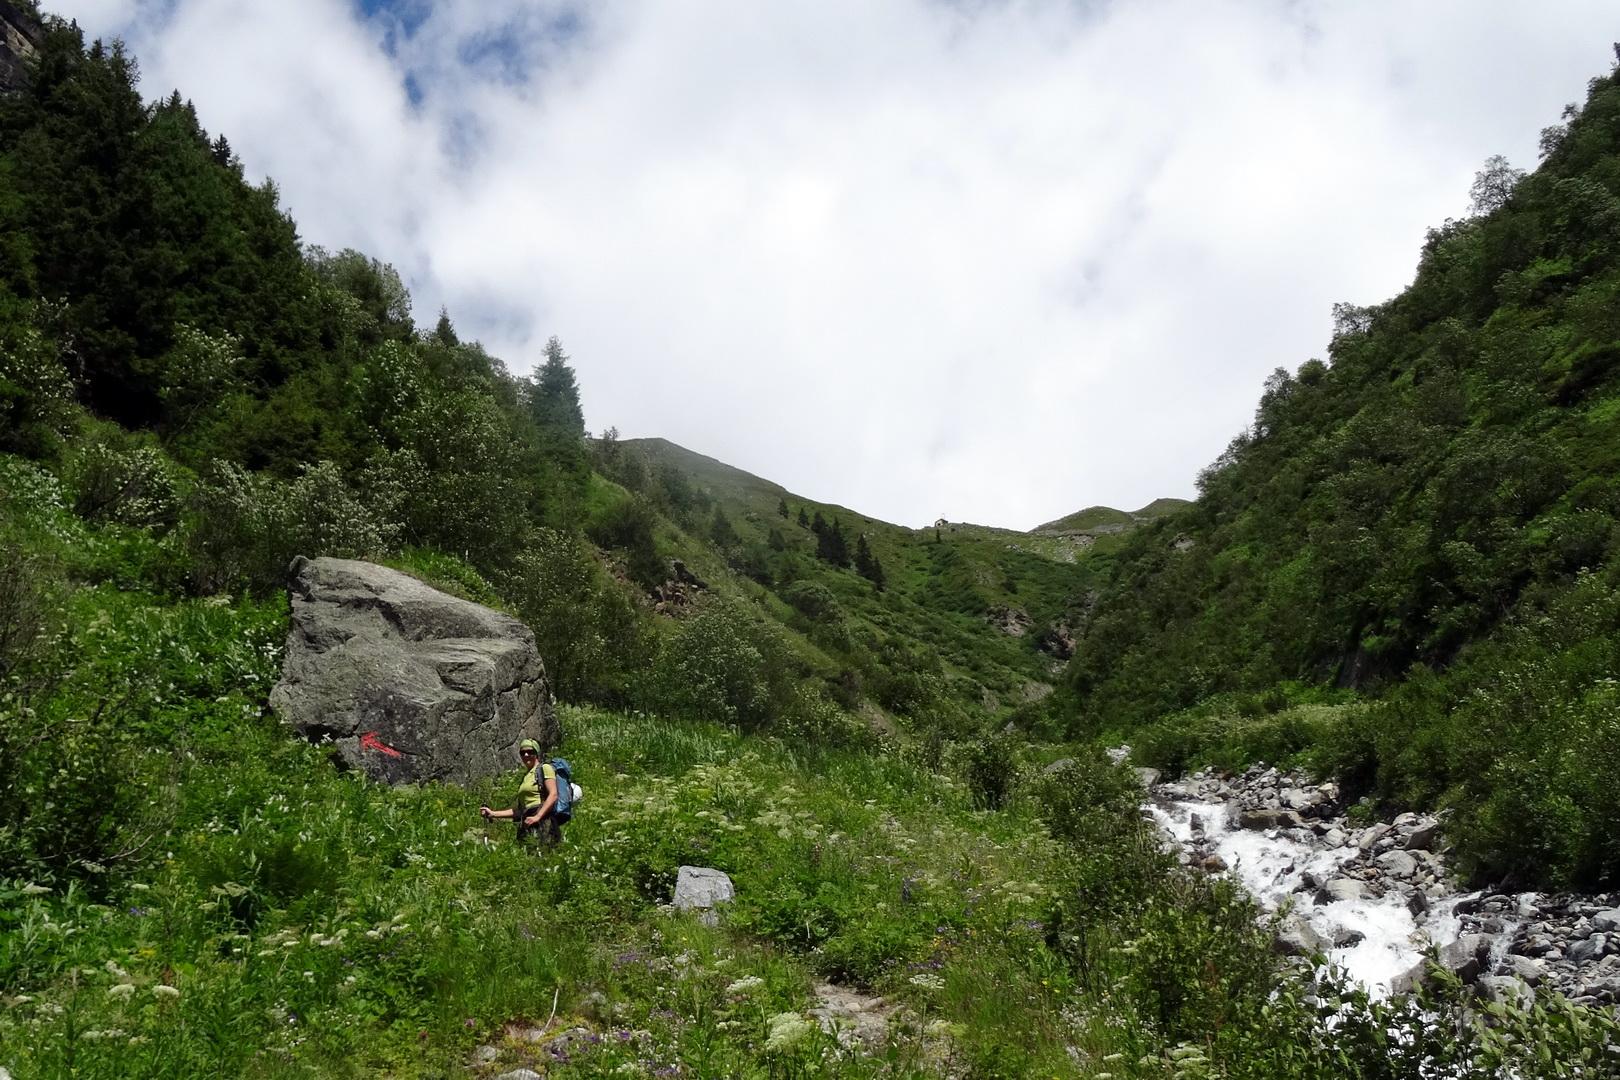 Klettersteig Tirol : Einfacher klettersteig kleinbärenzinne im pitztal tirol